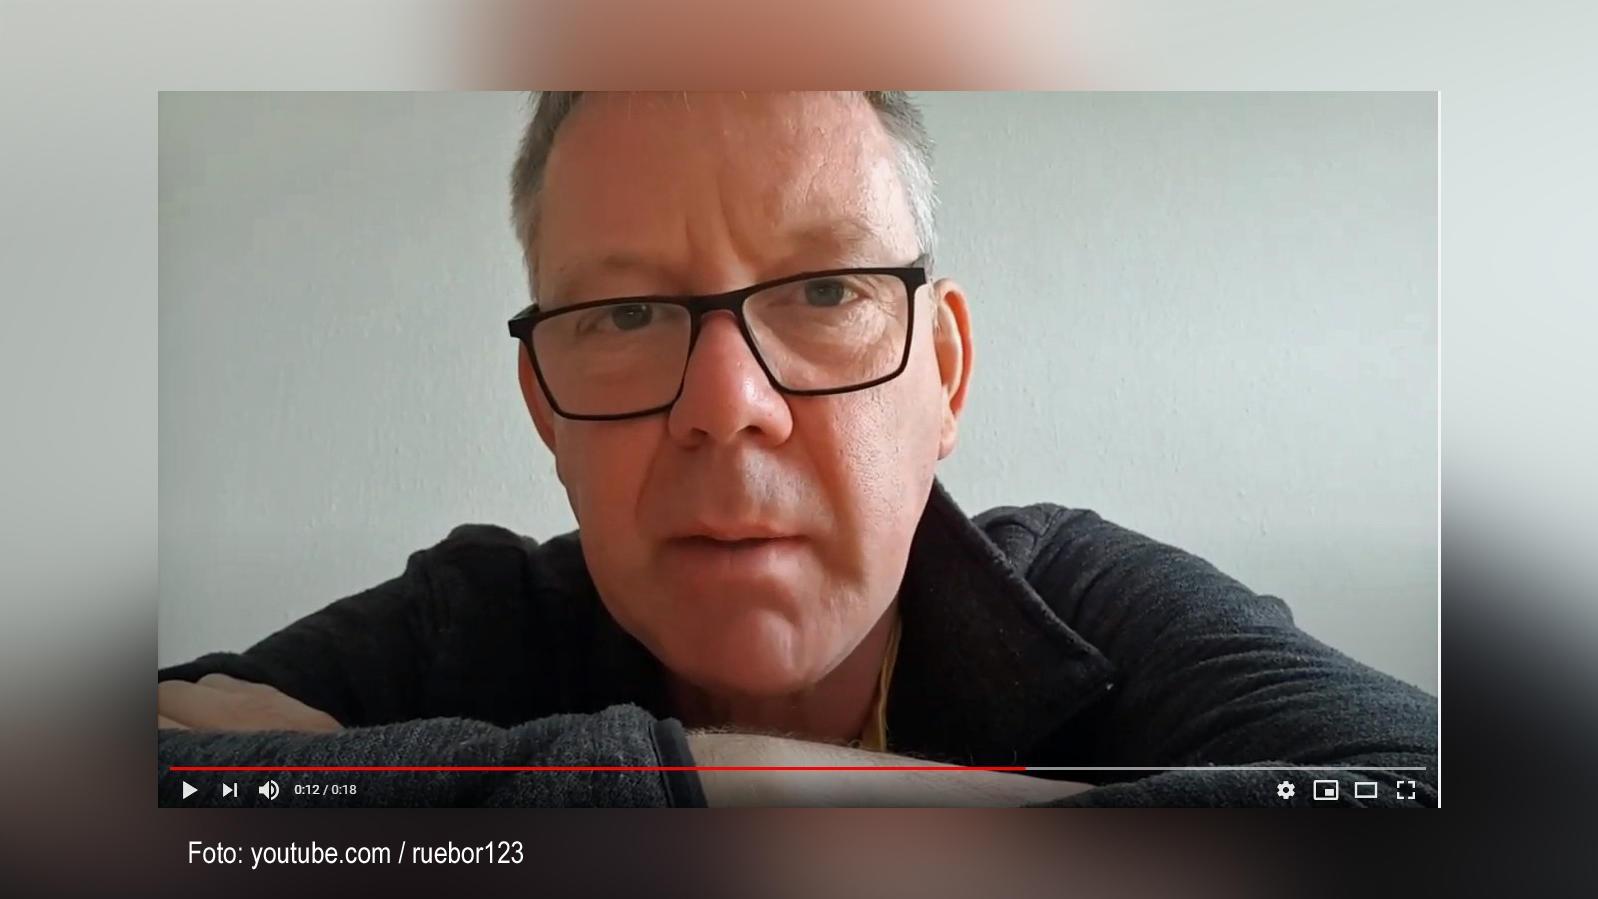 Der Berliner Lehrer Rüdiger Borrmann in einem seiner zahlreichen Videos.